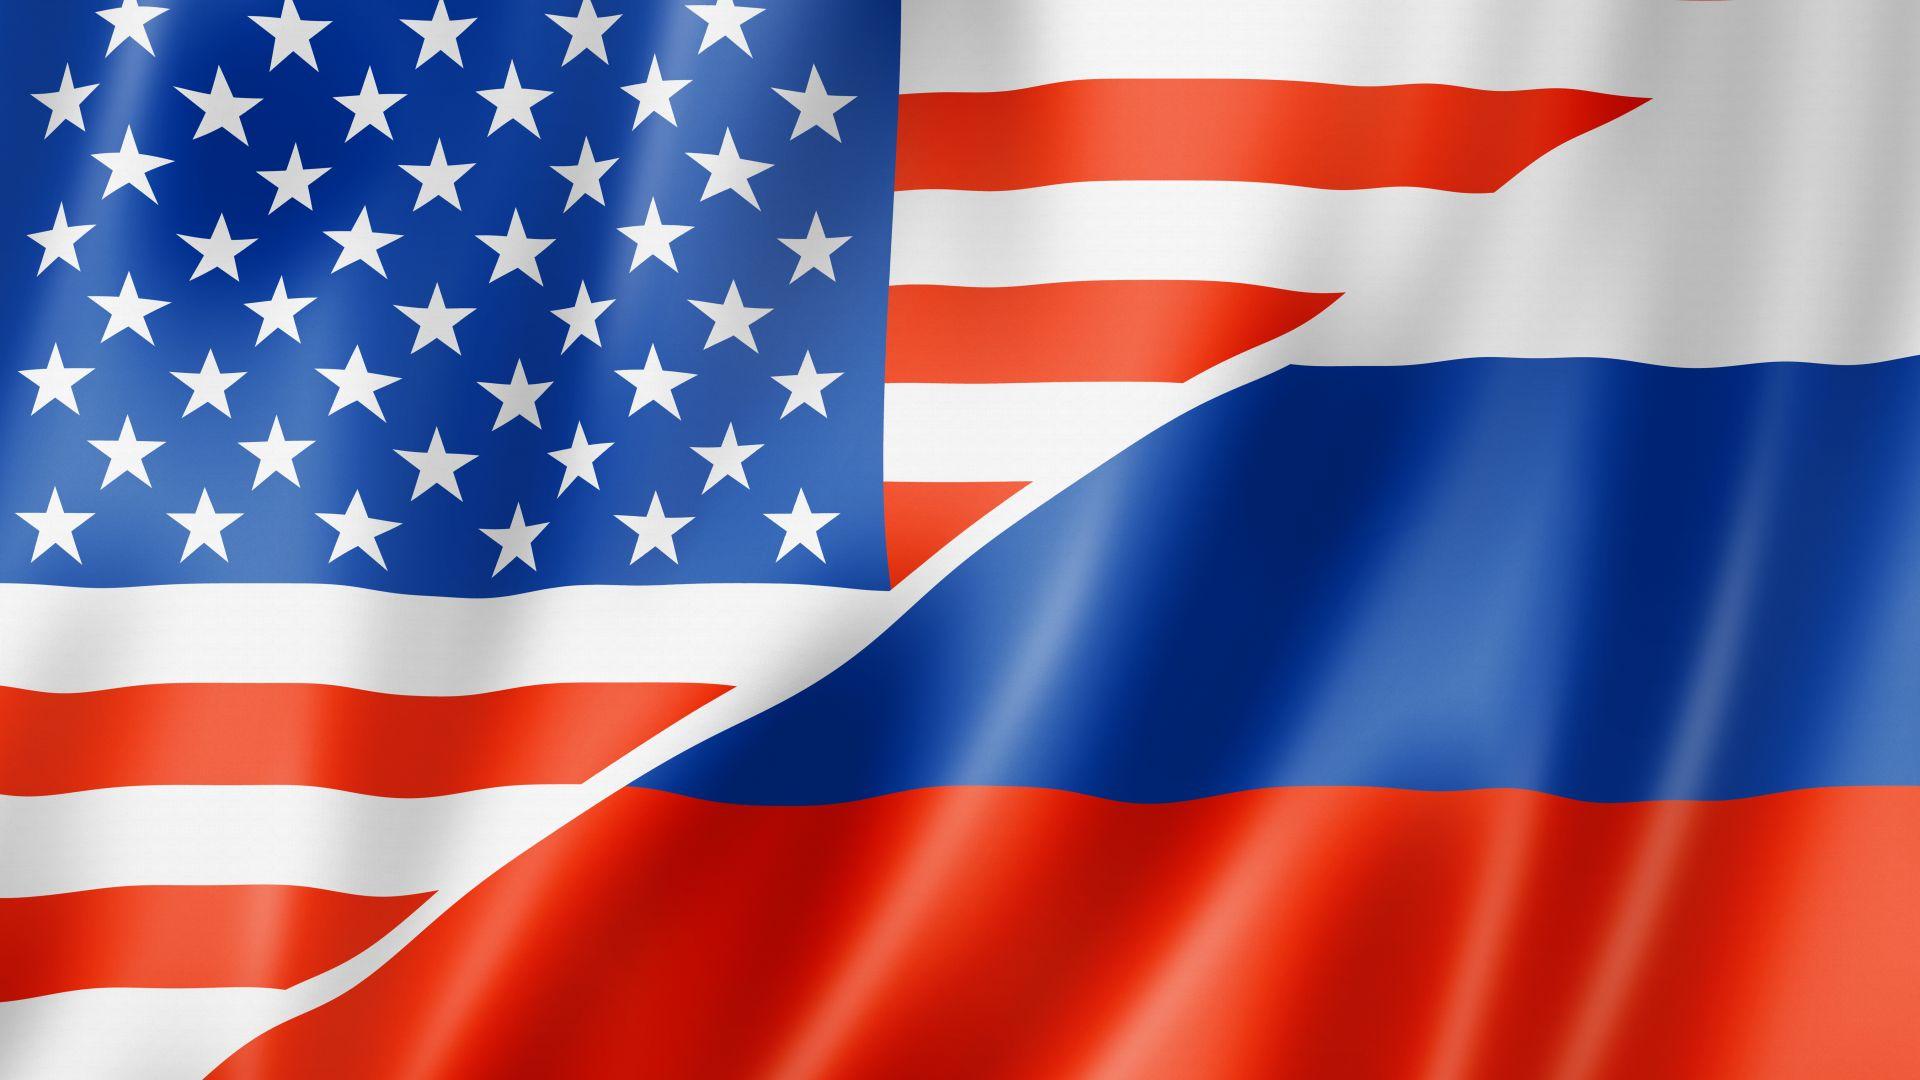 Руски и американски дипломати се срещнаха в Хелзинки,  но не постигнаха прогрес